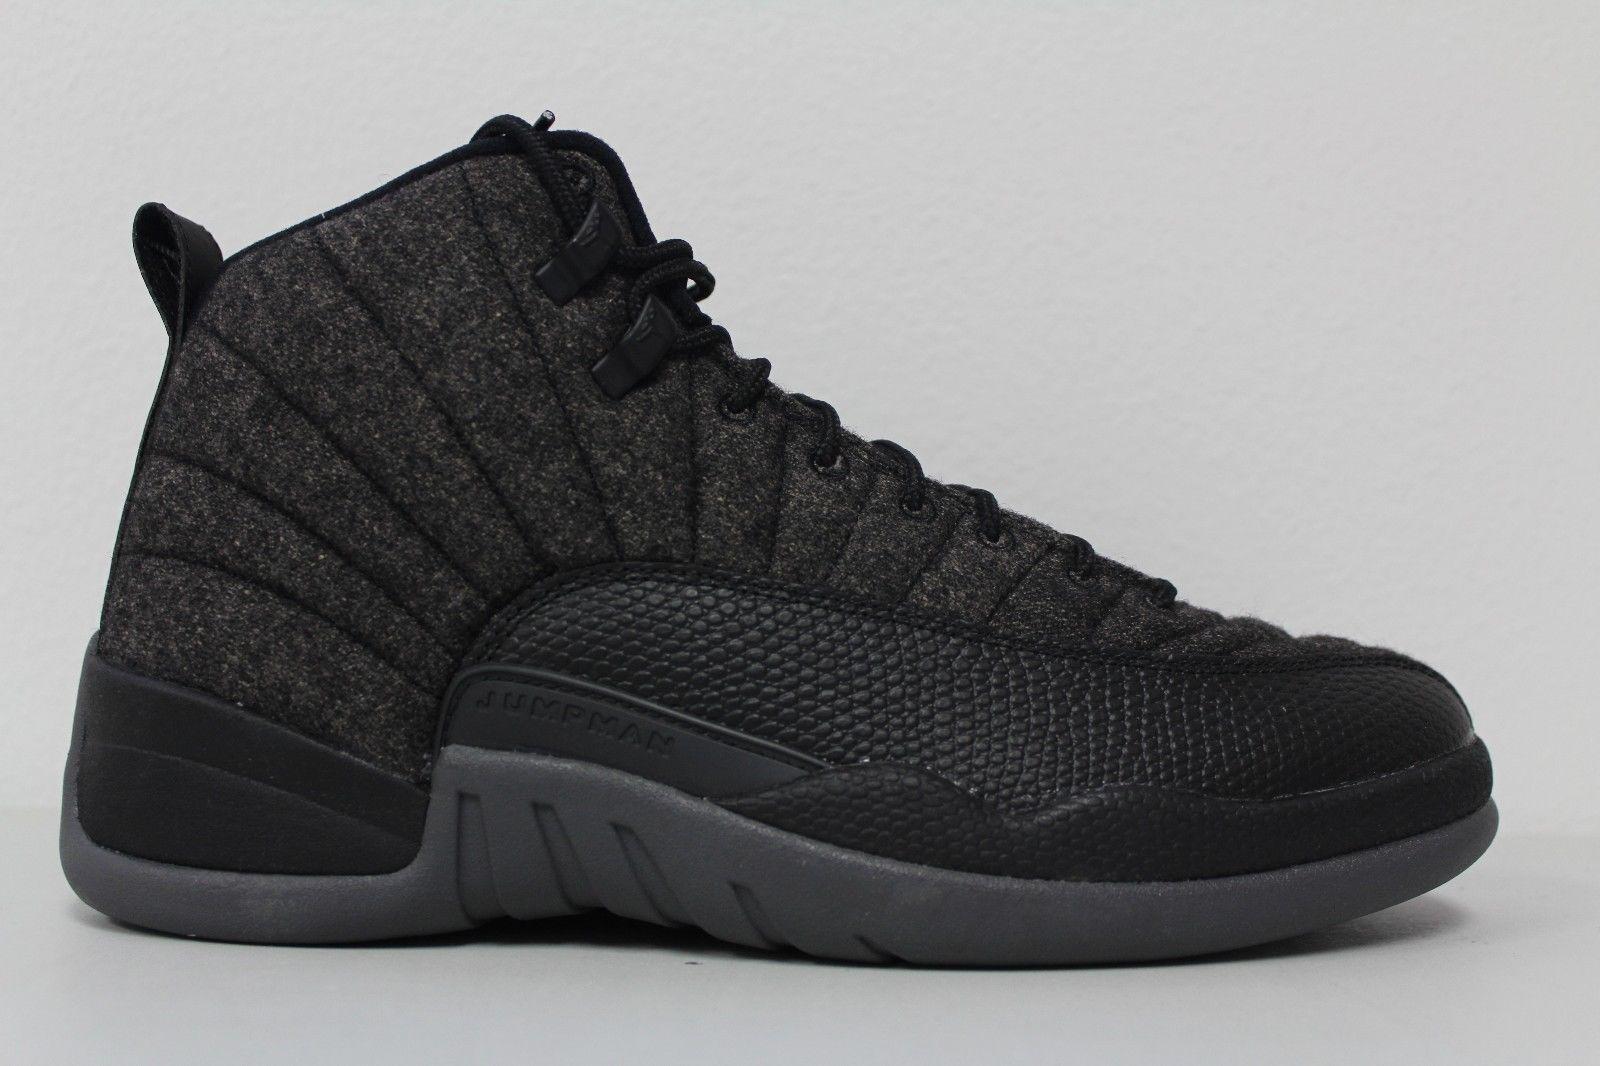 Nike Air Jordan 12 Retro Wool (852627-003) Men's shoes - Dark...